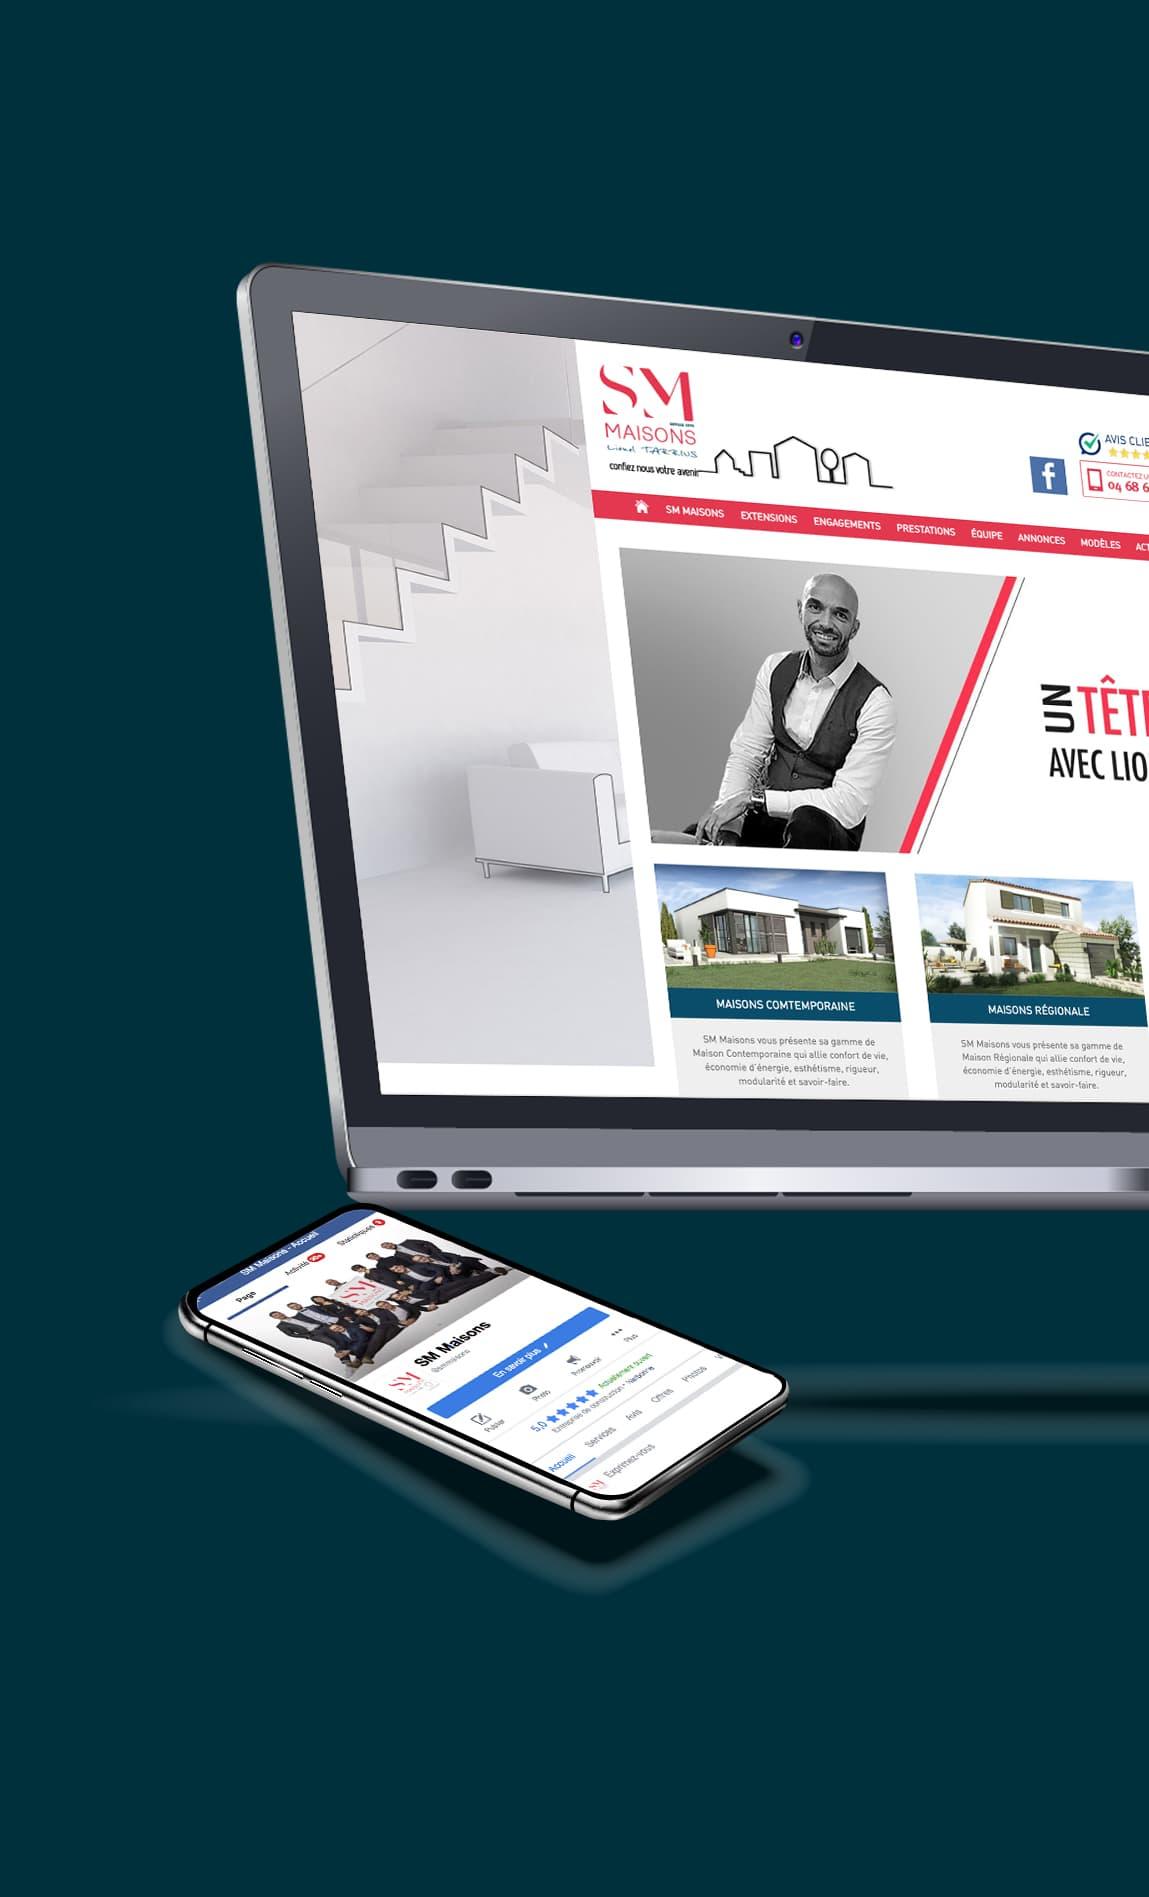 DEFACTO Design de marque - Mockup Digital GROUPE SM